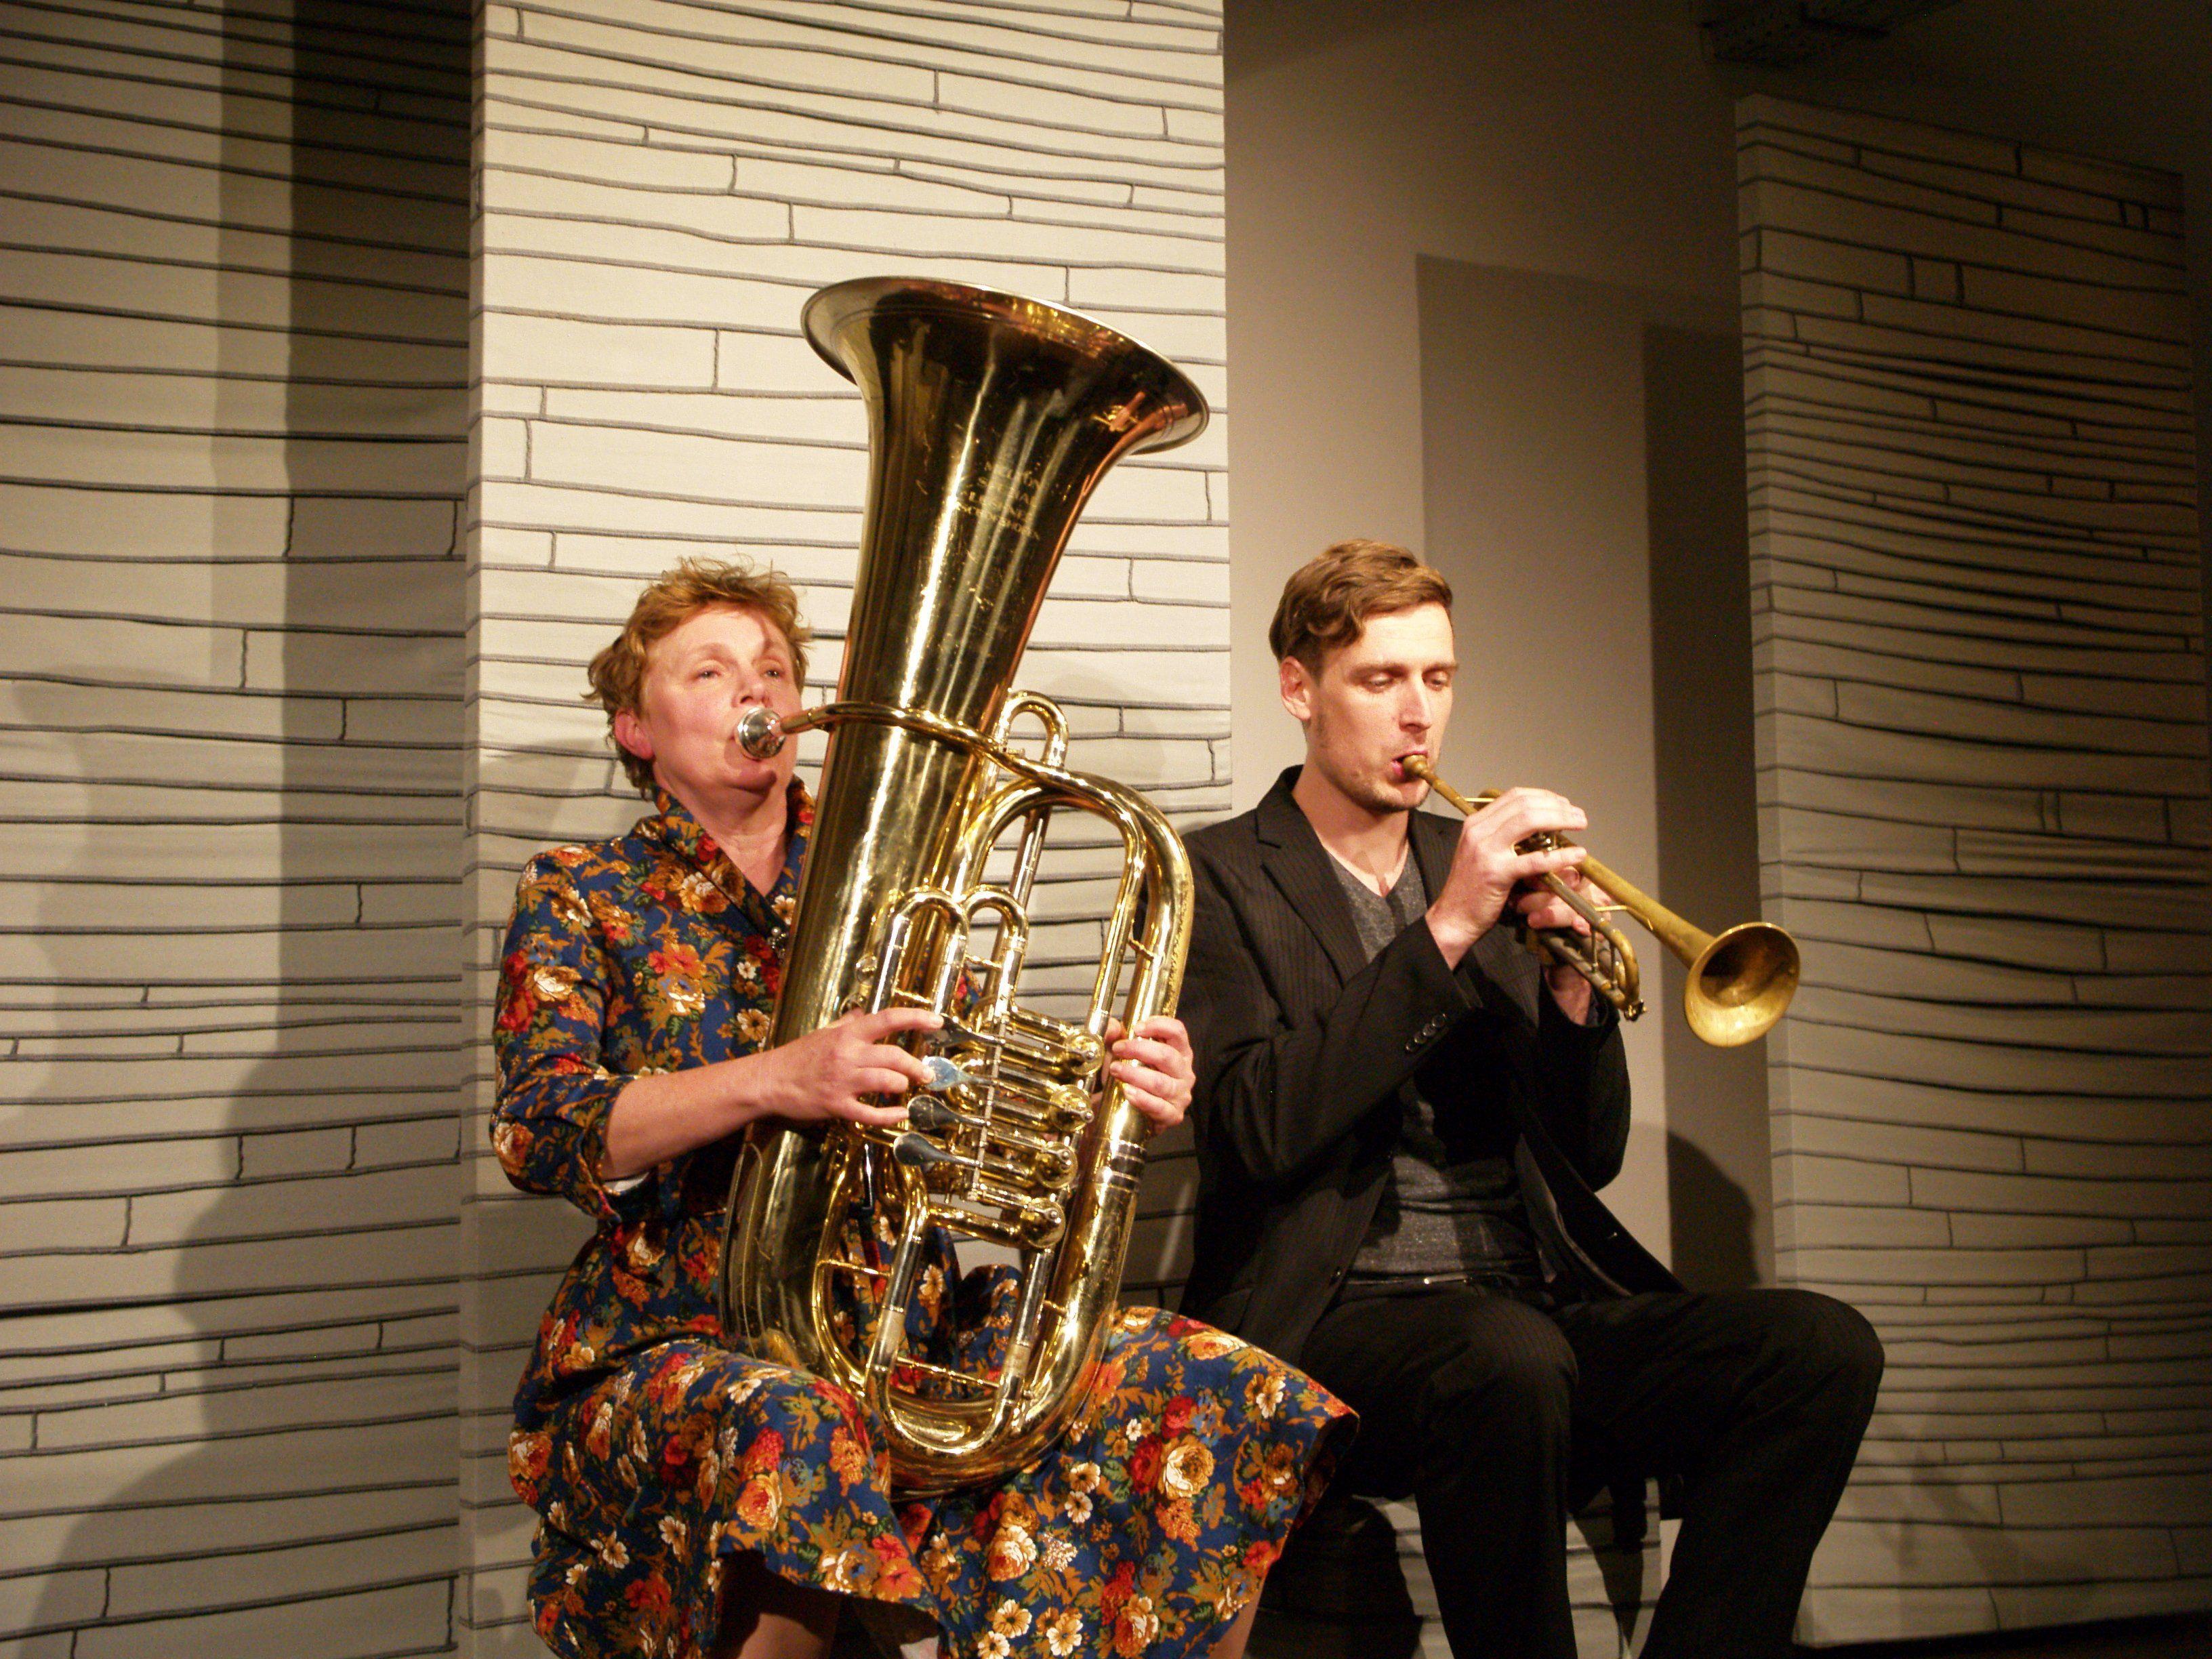 Schauspielerin Helga Pedross und Musiker Johannes Bär gaben theatrale Einblicke in Lebensräume und Hausgeschichten.